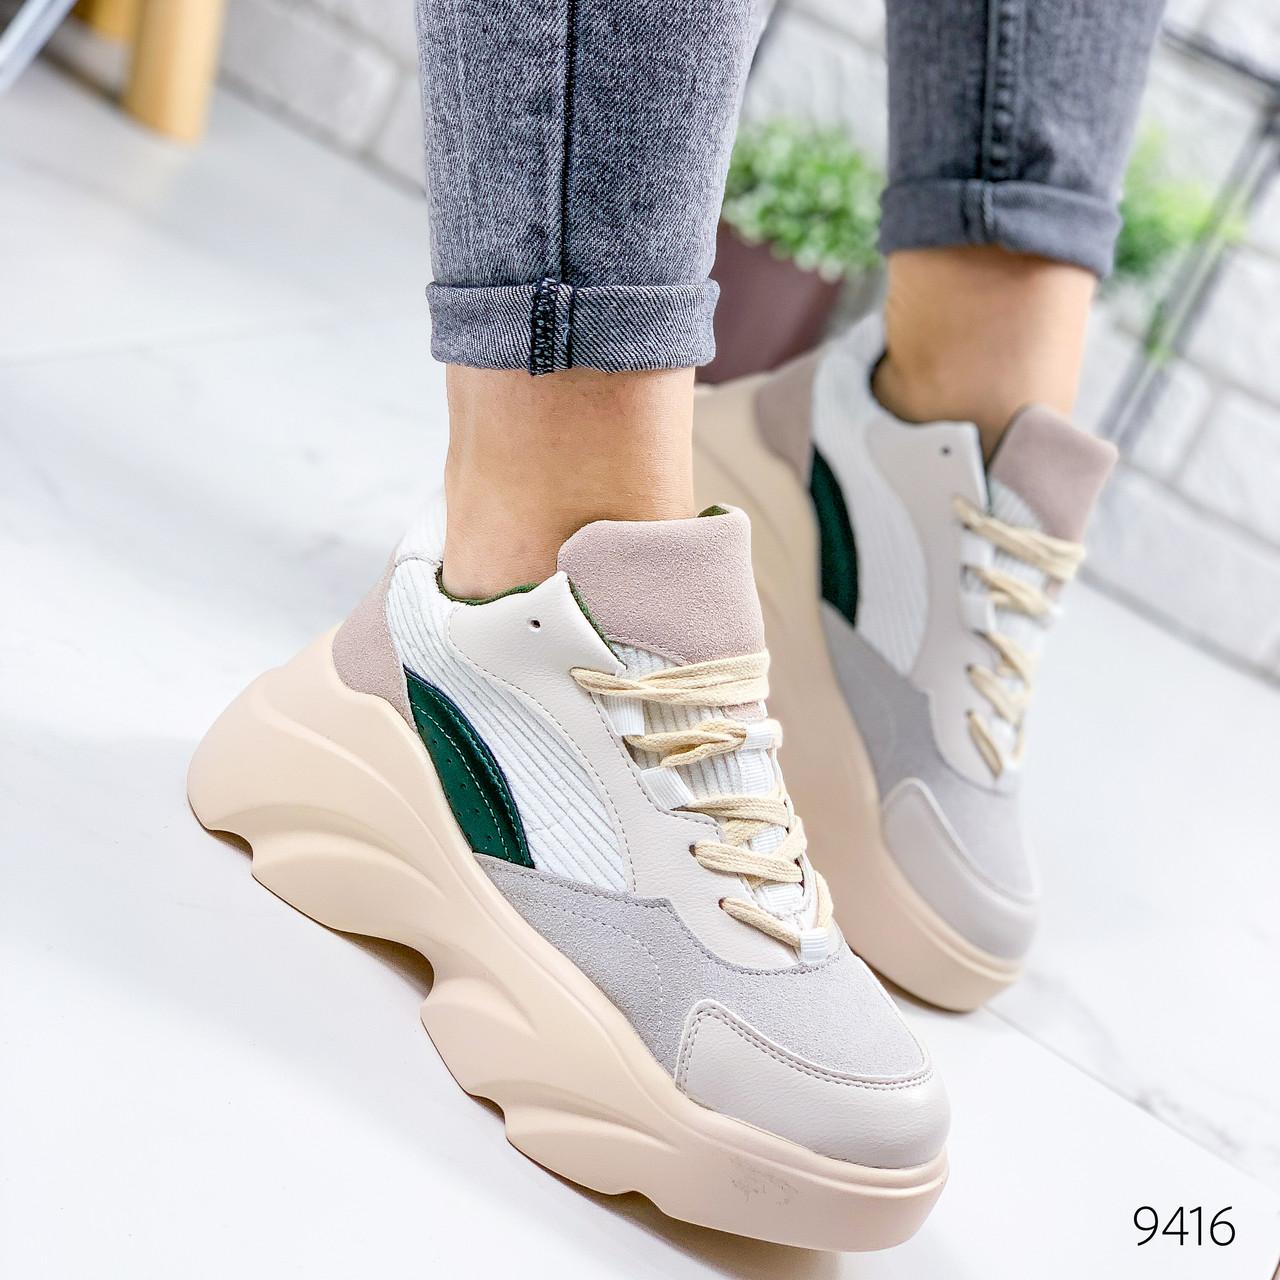 Кроссовки женские Ella беж+серый+зеленый 9416